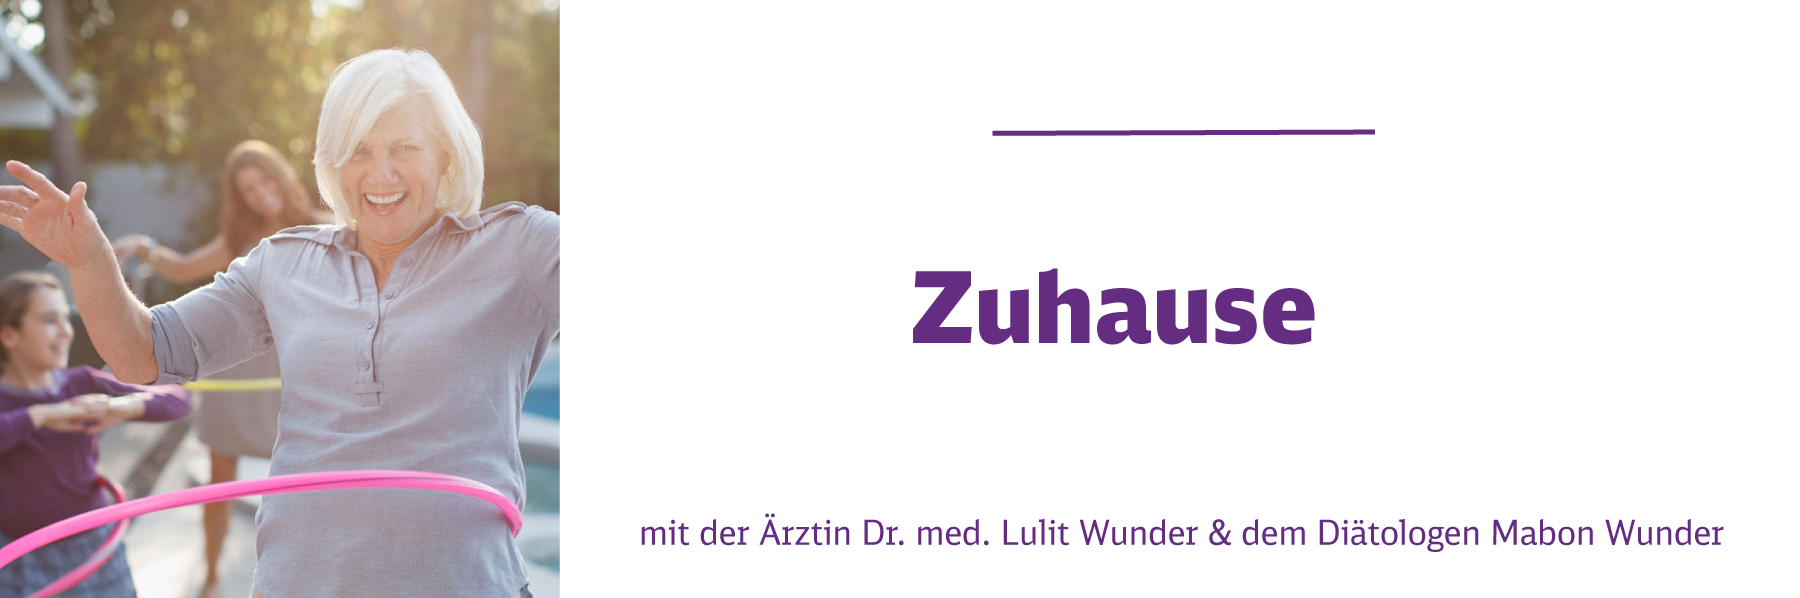 WLR live – Banner